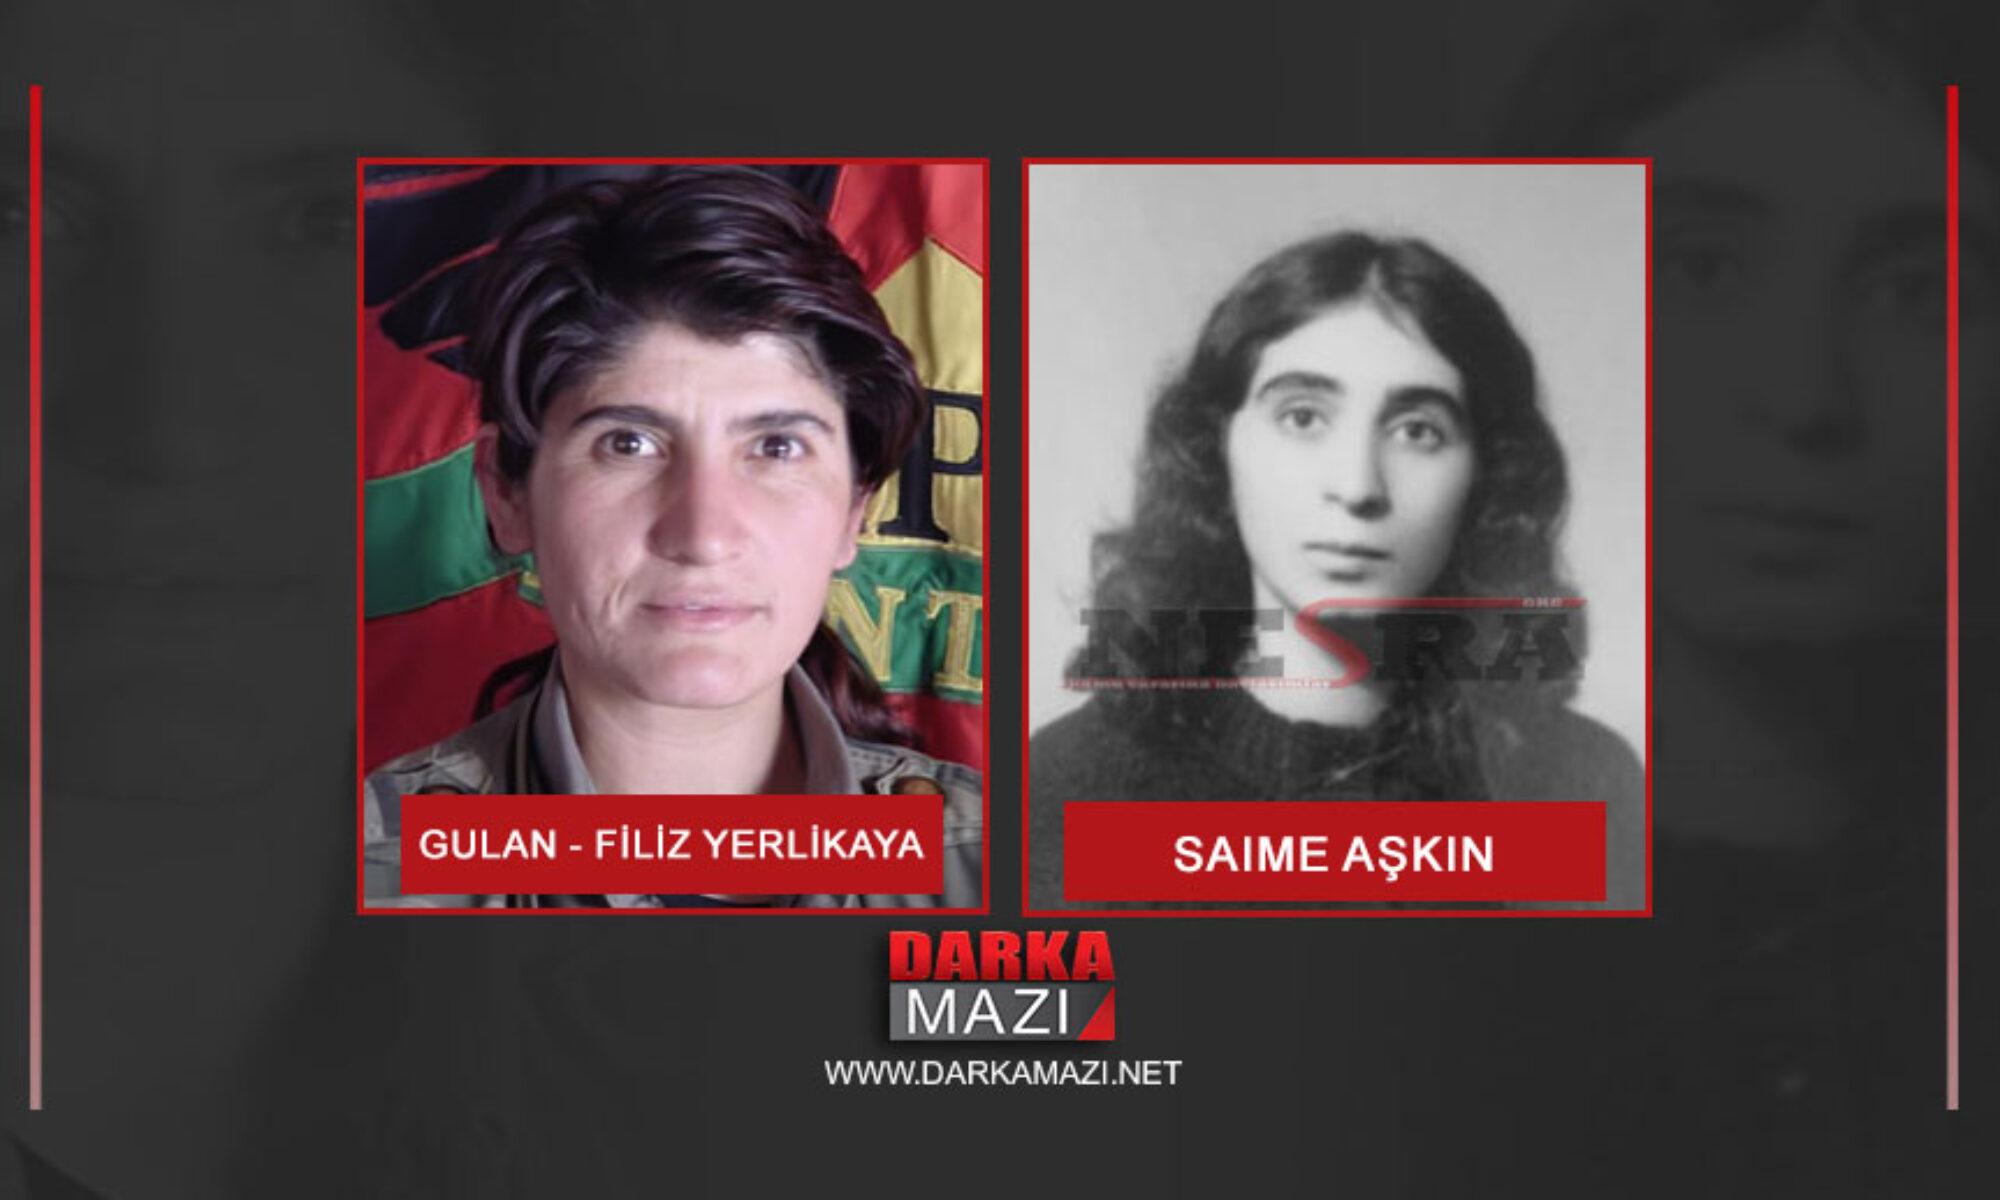 İlk öykü: Kürdistan'ın Rosa Lüksenburg'u Saime Aşkın idam edilirken neler söyledi? Filiz Yerlikaya Gulan Garzan, Delal, Lolan, Beka, Avrupa, özel Kuvvetler, MİT , Türkiye Devleti, Ajan, tasfiyeci, Abdullah Öcalan, Lübnan, Kesire Öcalan, Fatma